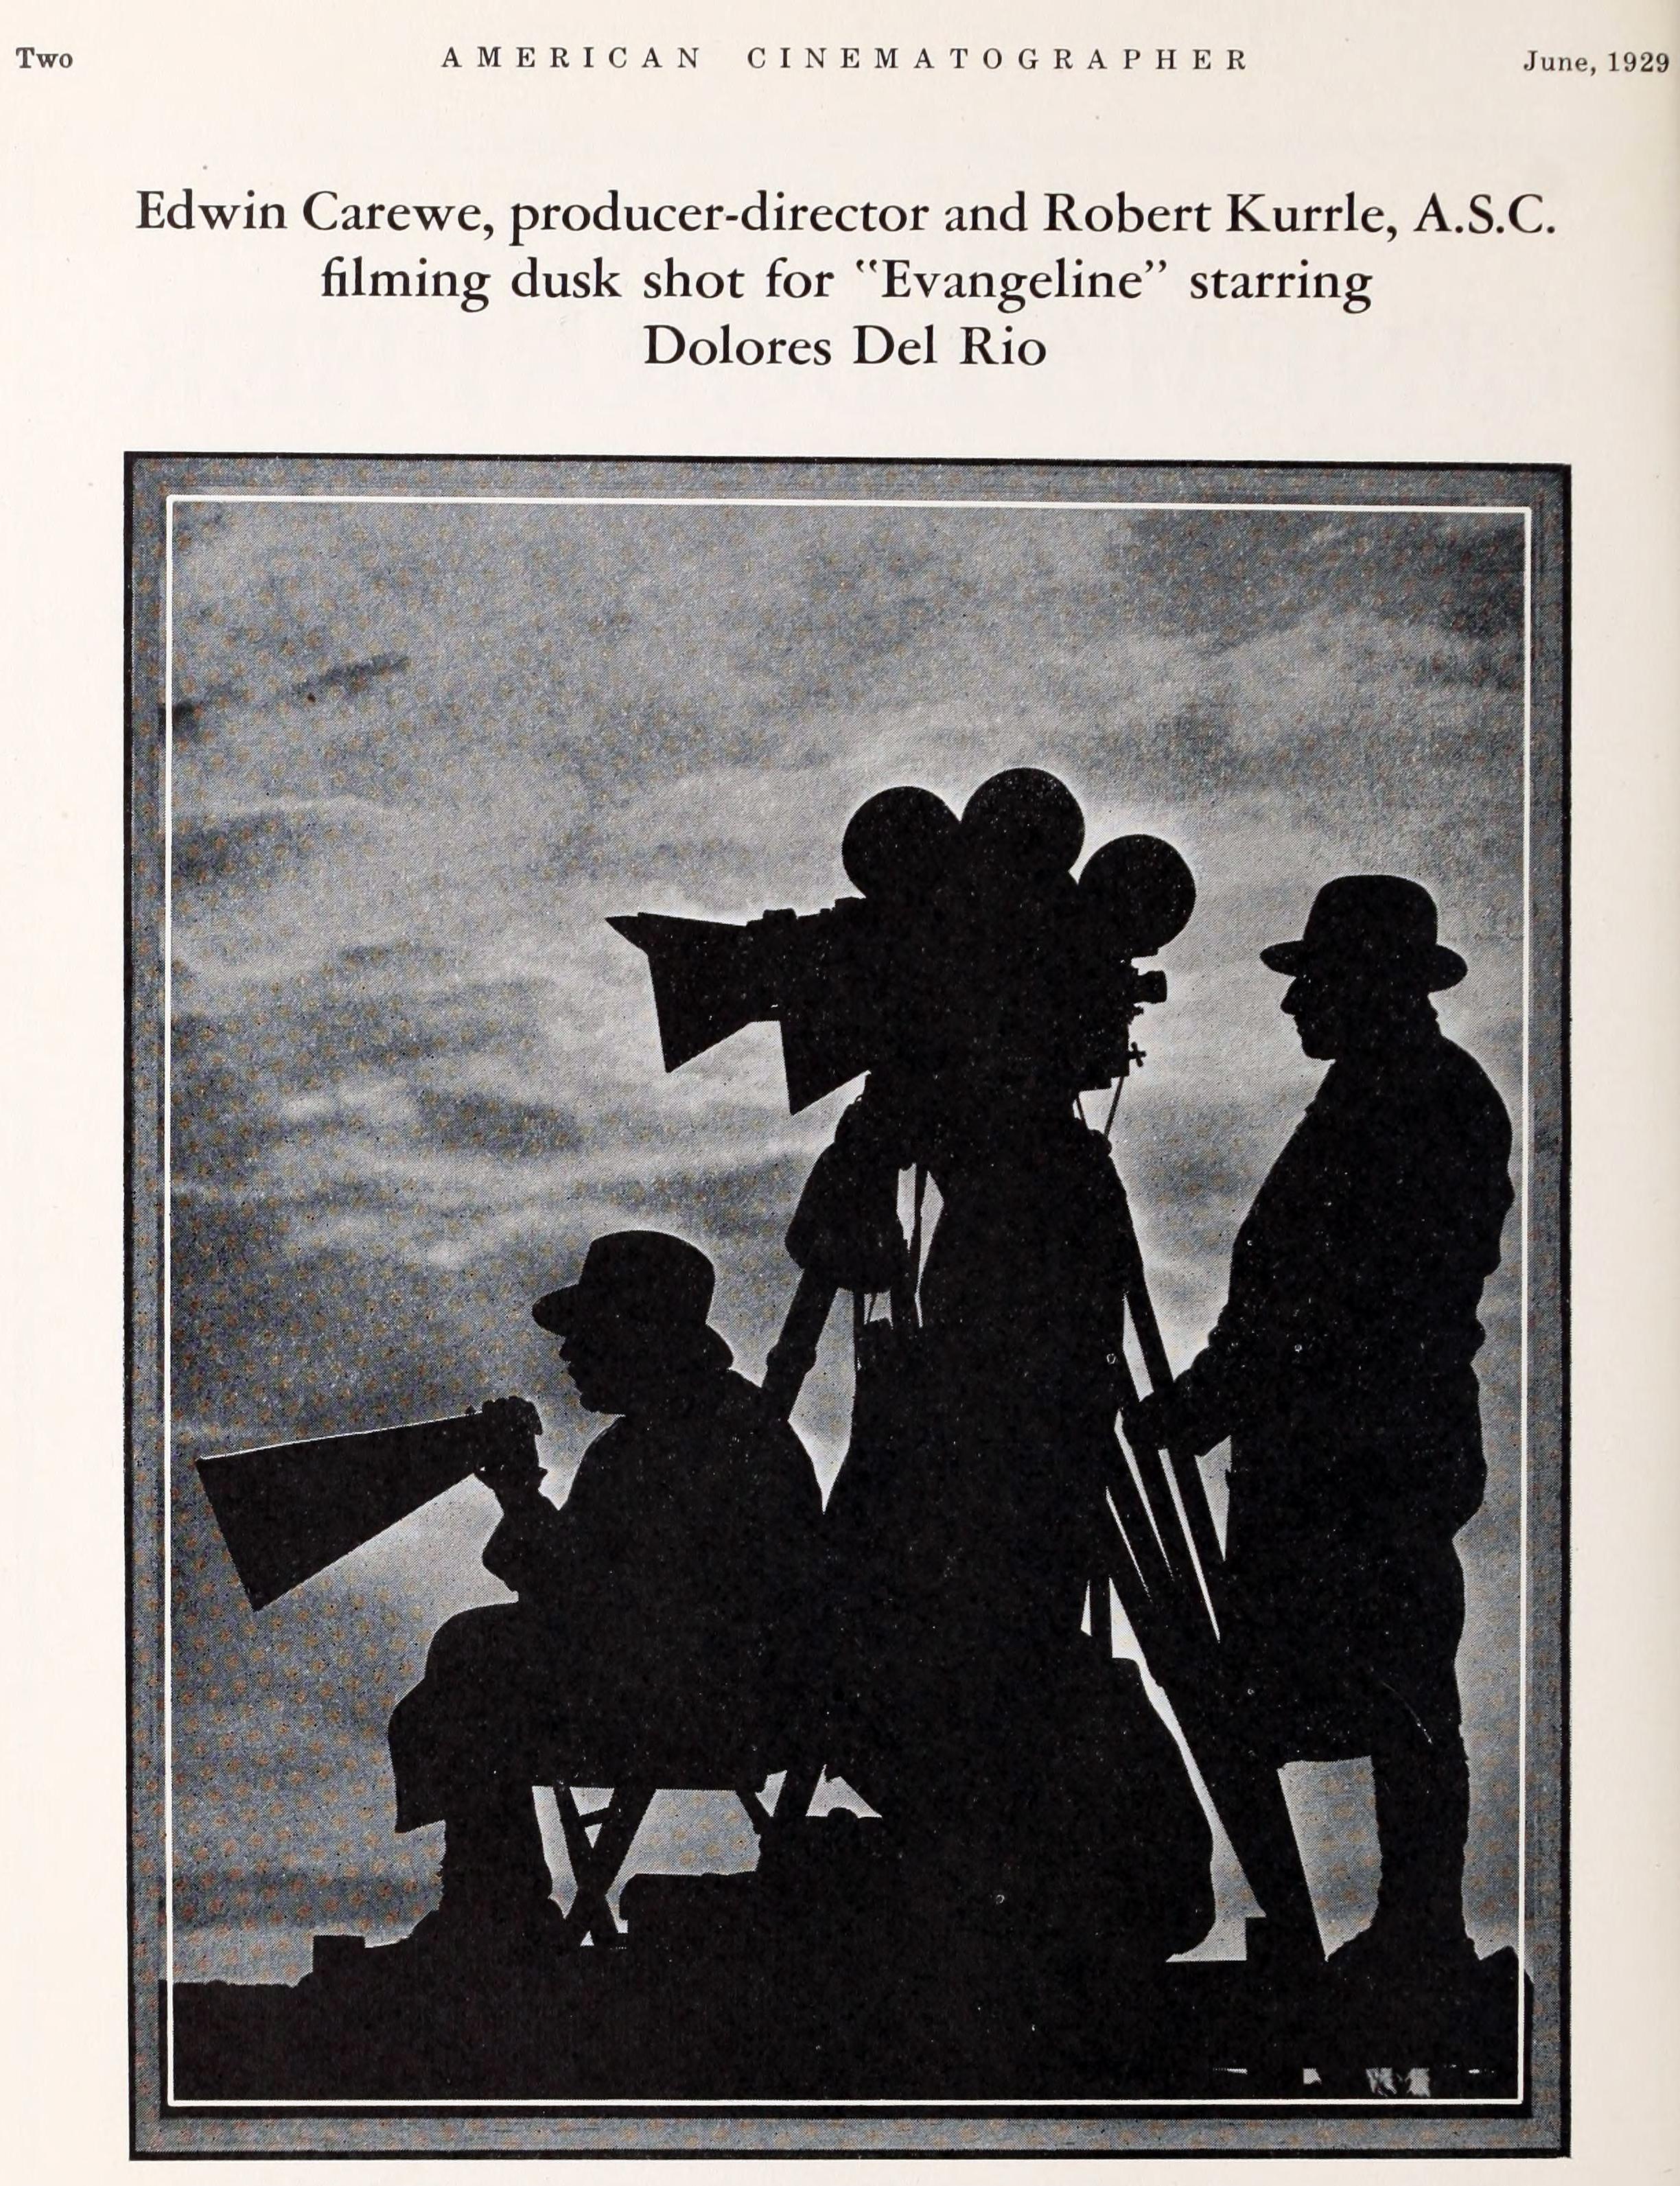 americancinematographer 1929 Evangeline